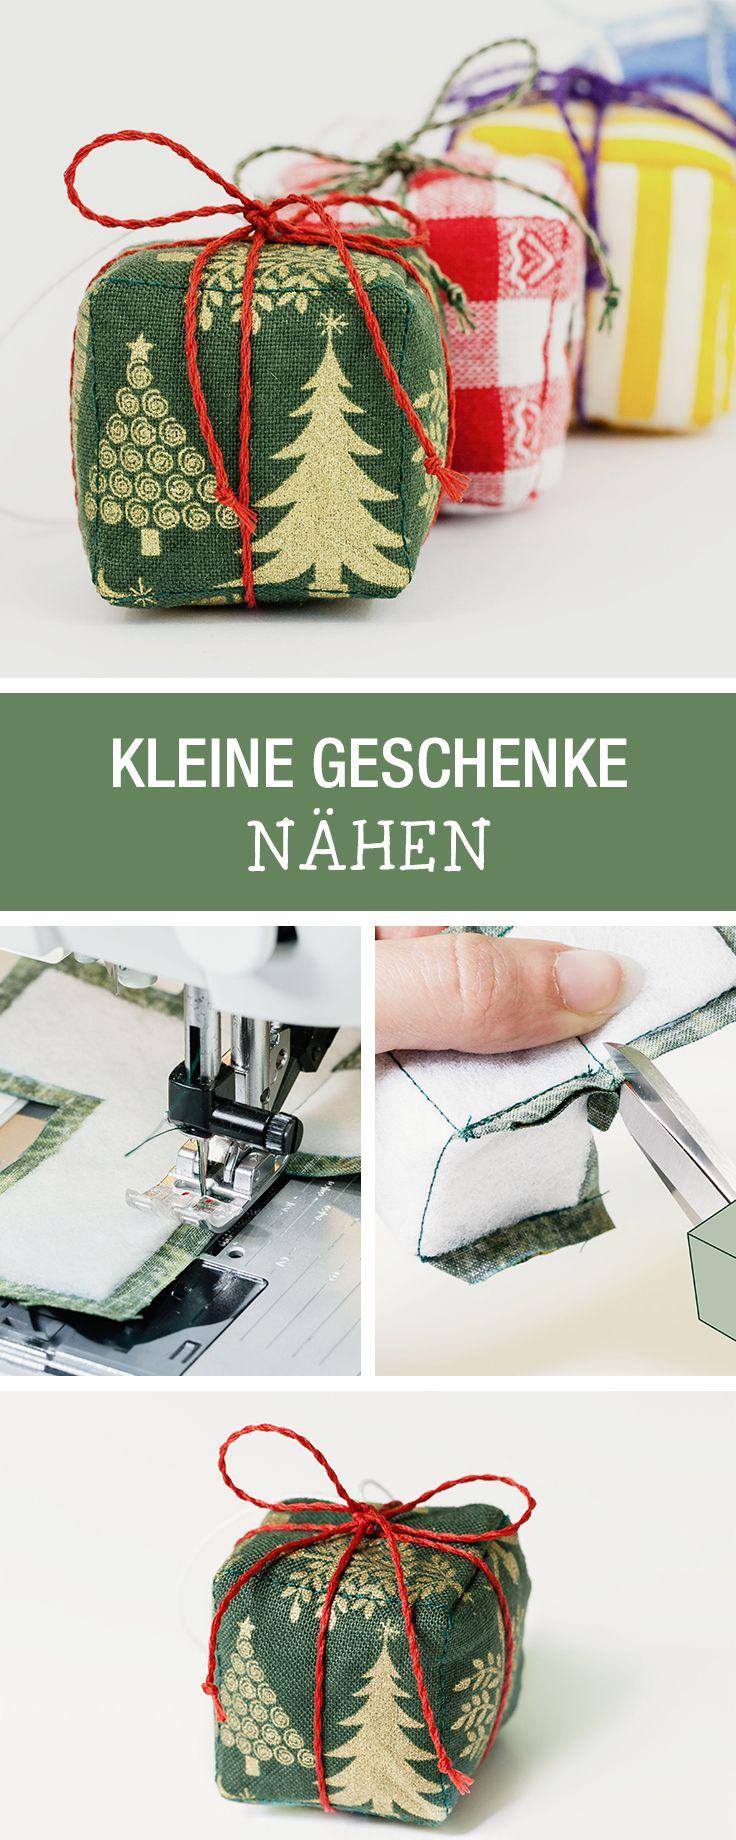 Weihnachtsdeko nähen: Kleine Geschenke aus Stoff für den Weihnachtsbaum / free diy tutorial for christmas decoration: sewing little presents via DaWanda.com